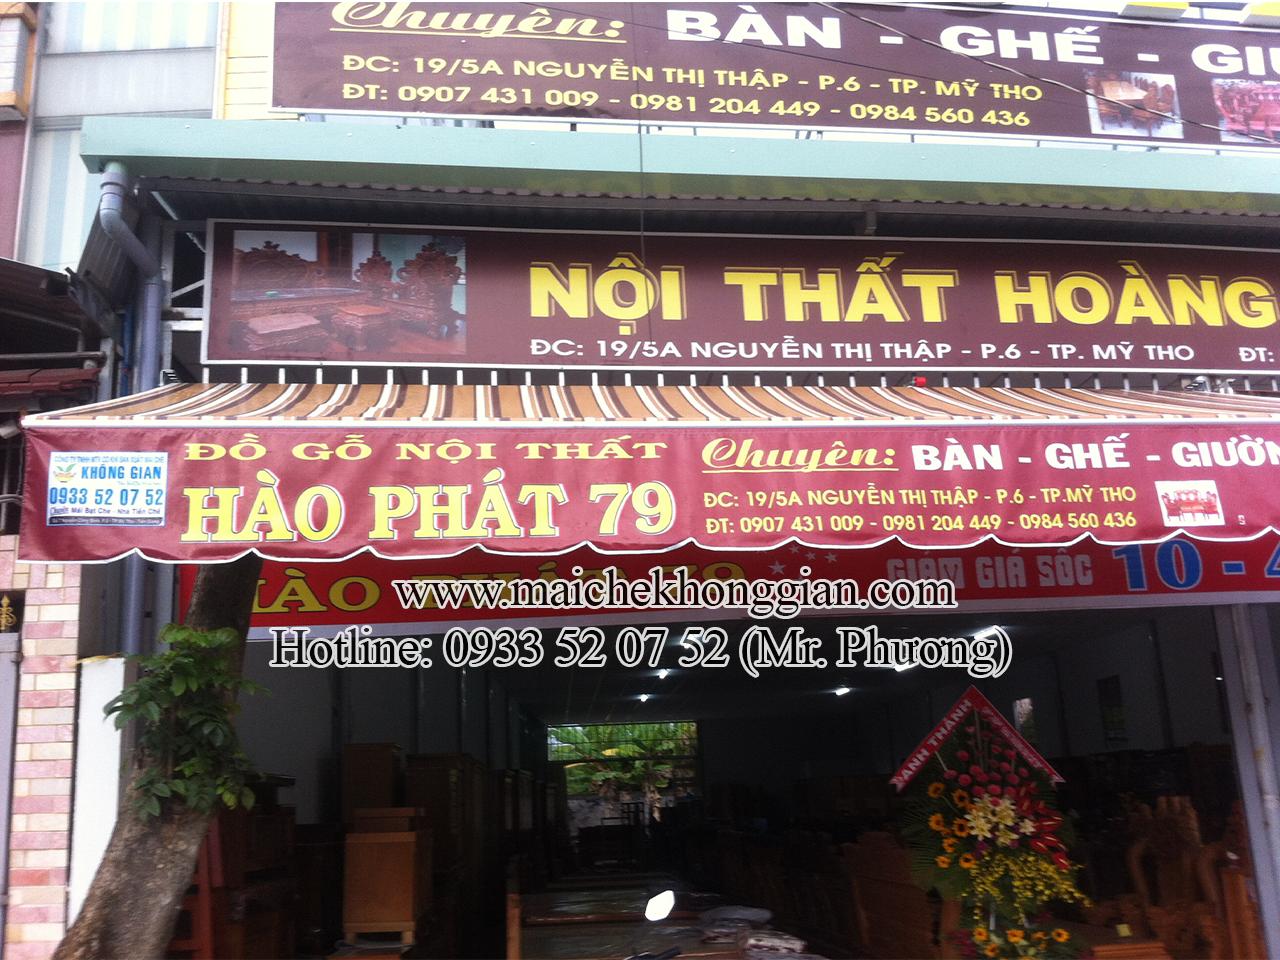 Bạt Che Huyện Trà Ôn Vĩnh Long